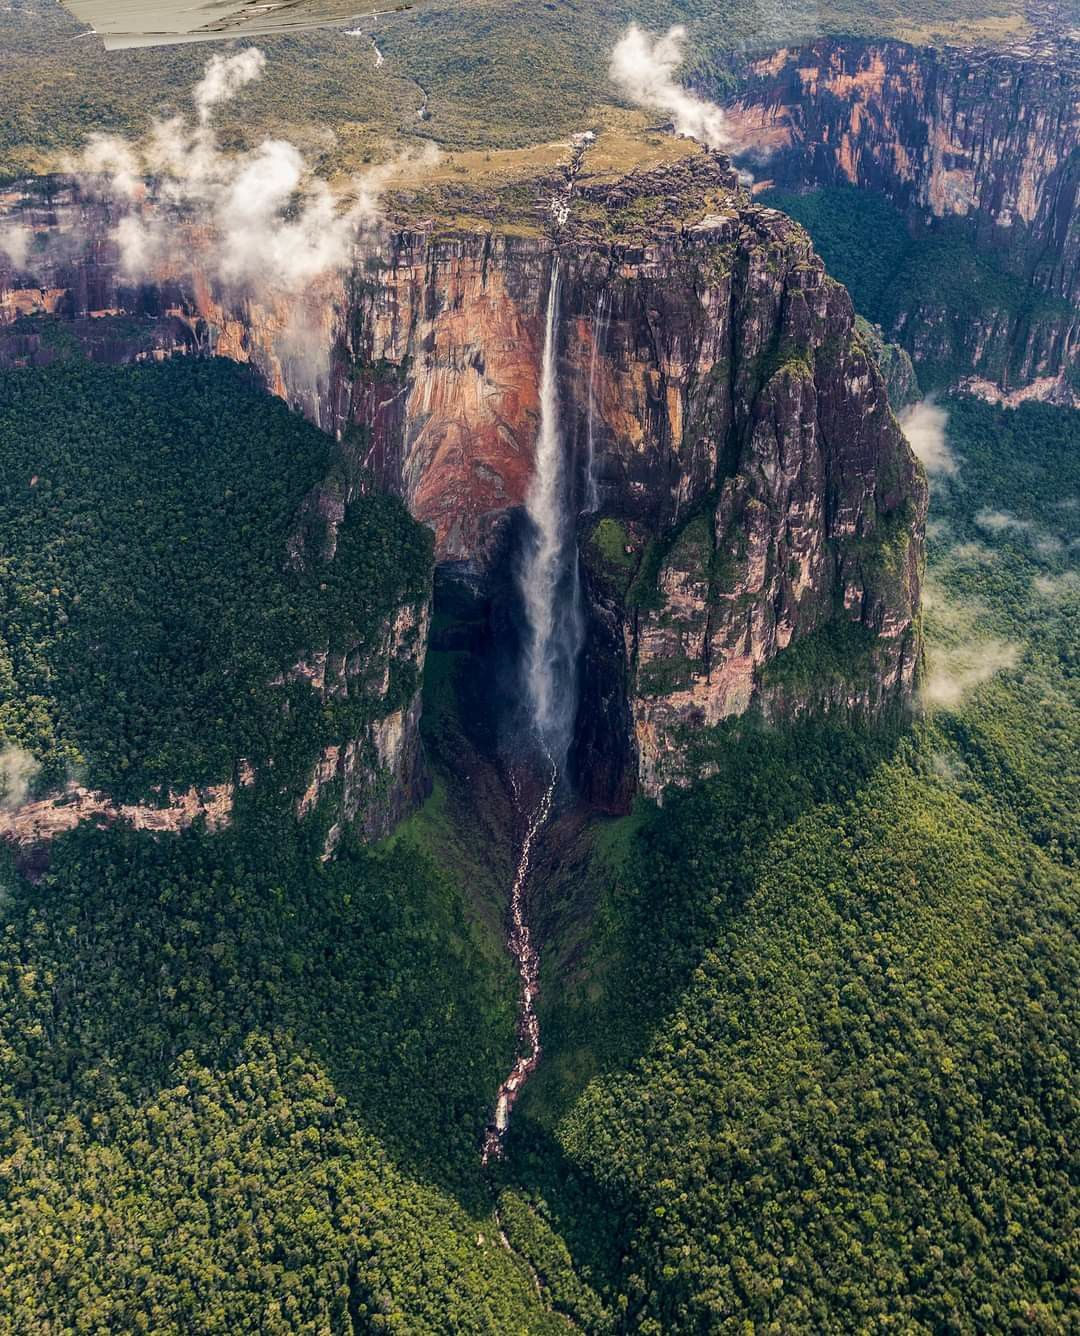 شلالات آنجل في مرتفعات غويانا تعد أطول الشلالات في العالم حيث يعادل ارتفاعها ثلاثة أضعاف طول برج إيفل في باريس و17 ضعفا لشلالا Fairy Tales Waterfall Places